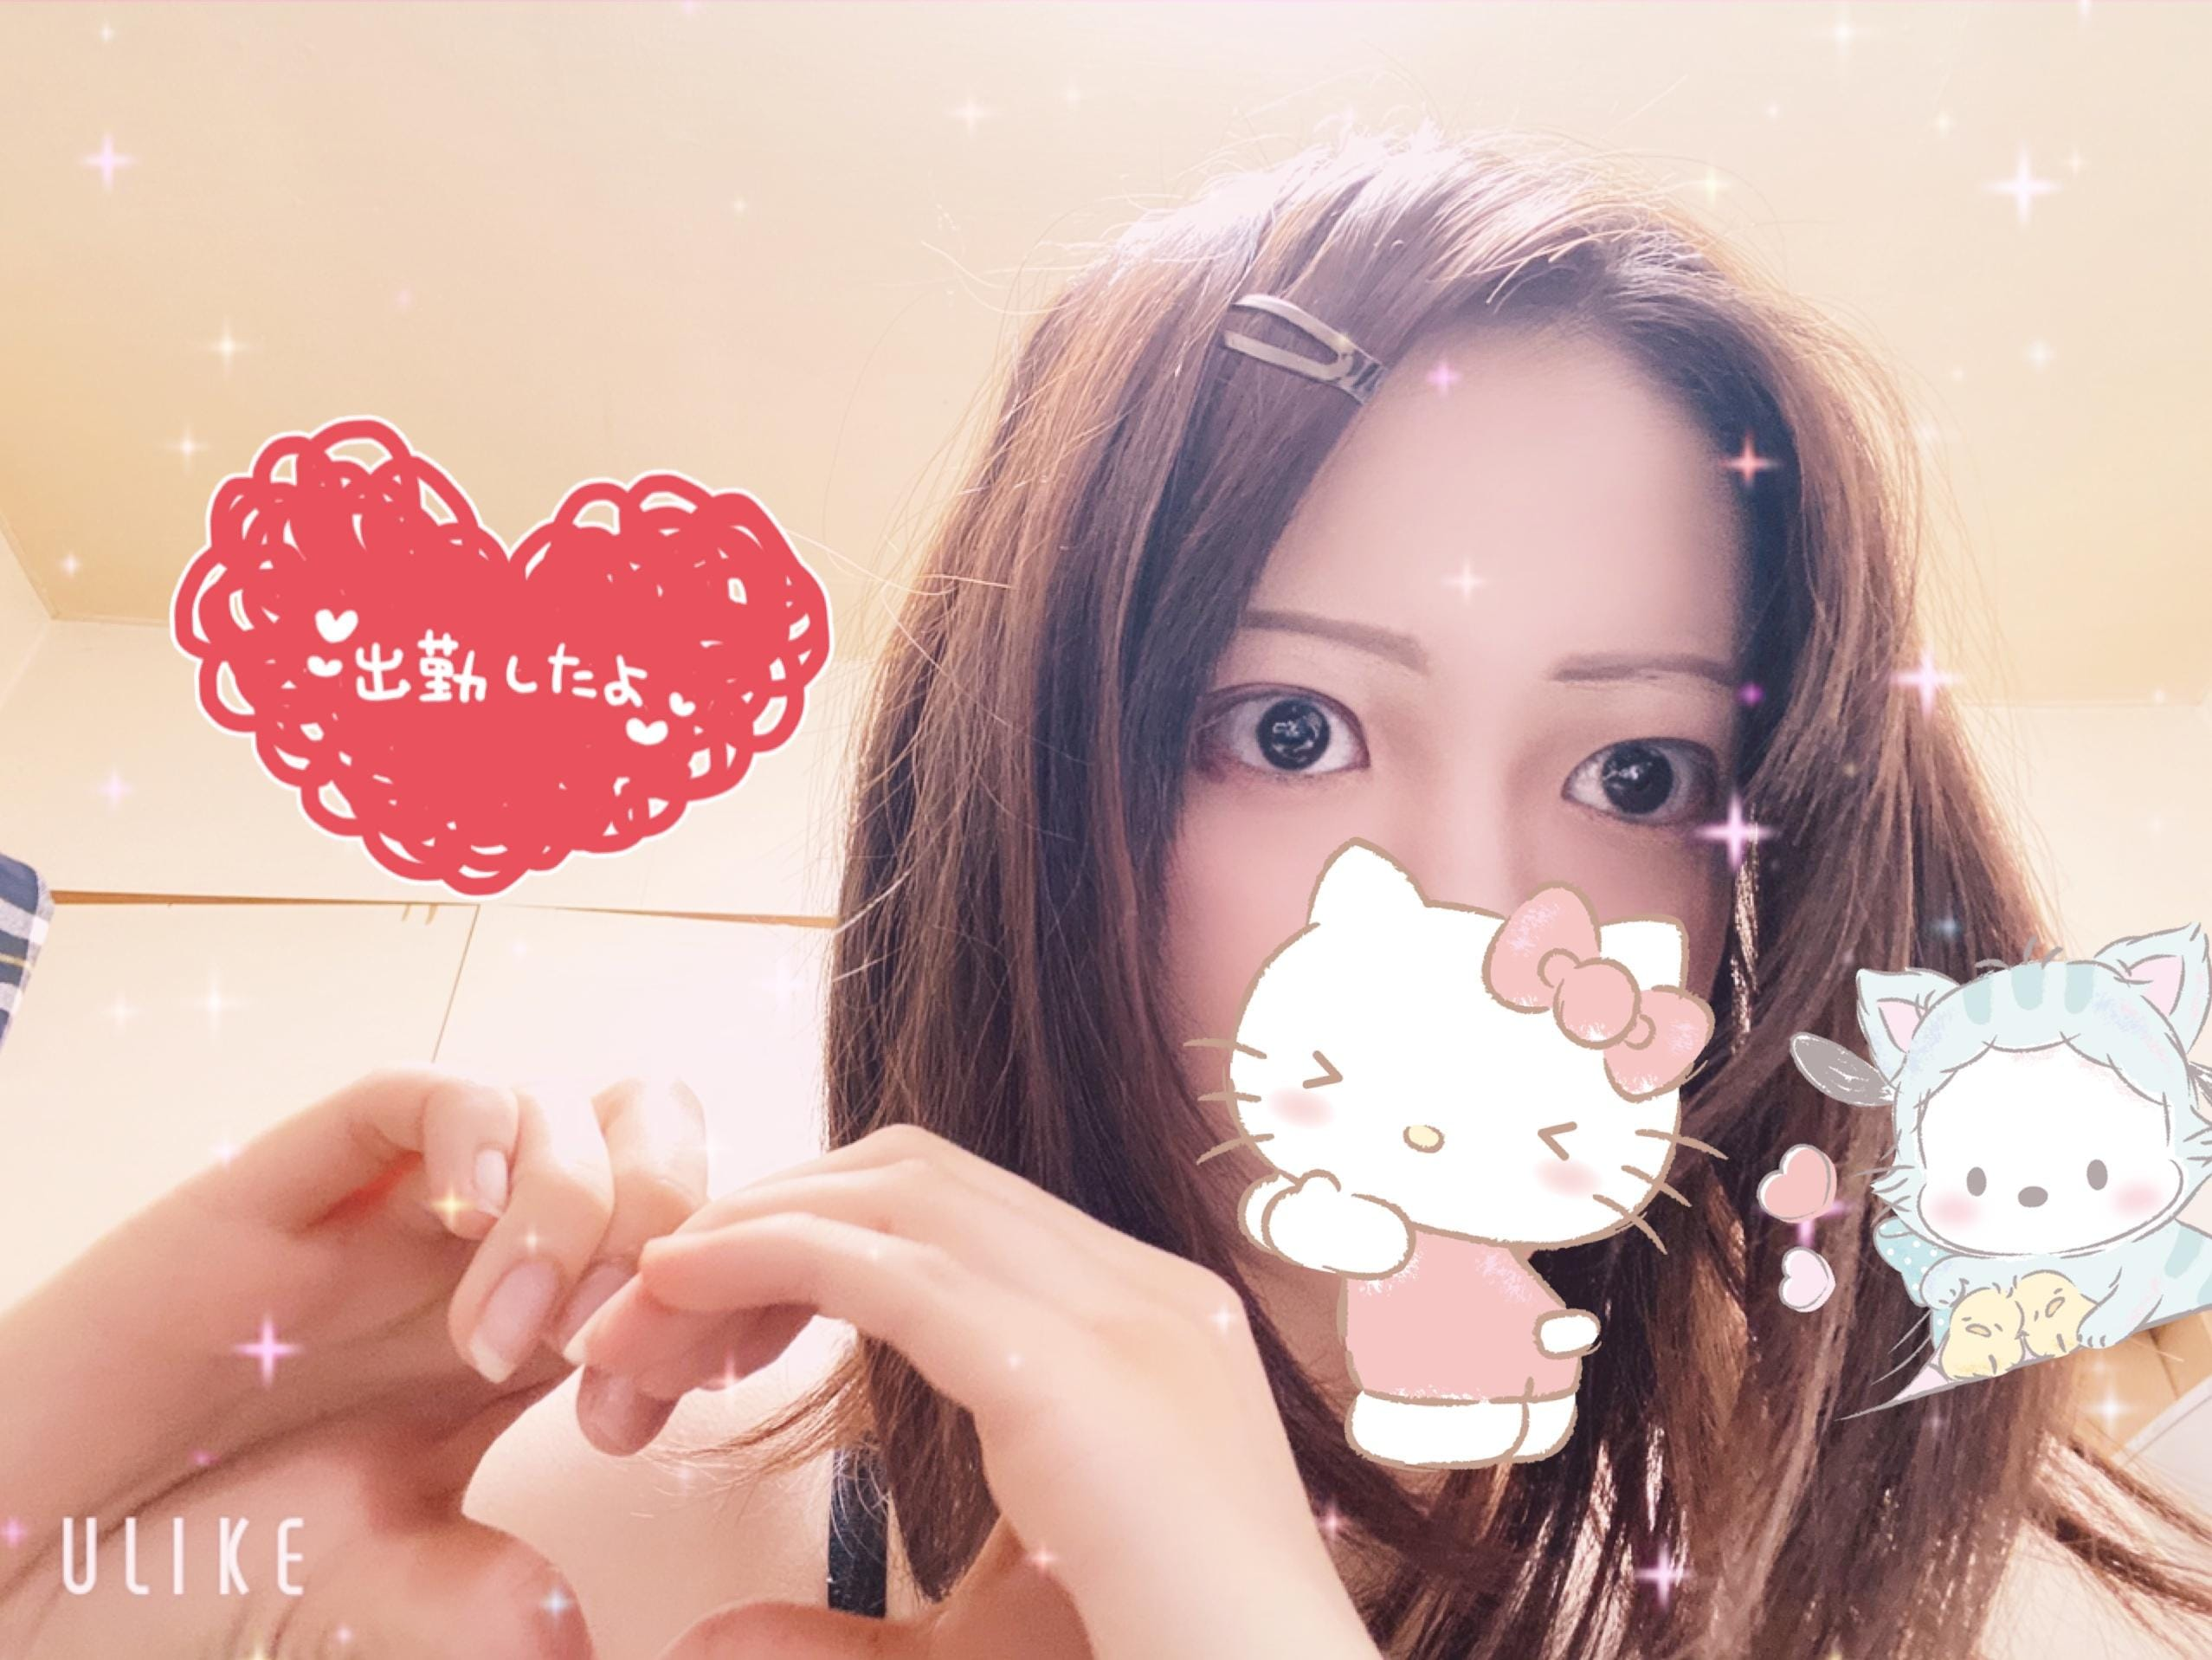 「おはようヽ(^^)ノ」02/09(02/09) 13:08 | えりかの写メ・風俗動画